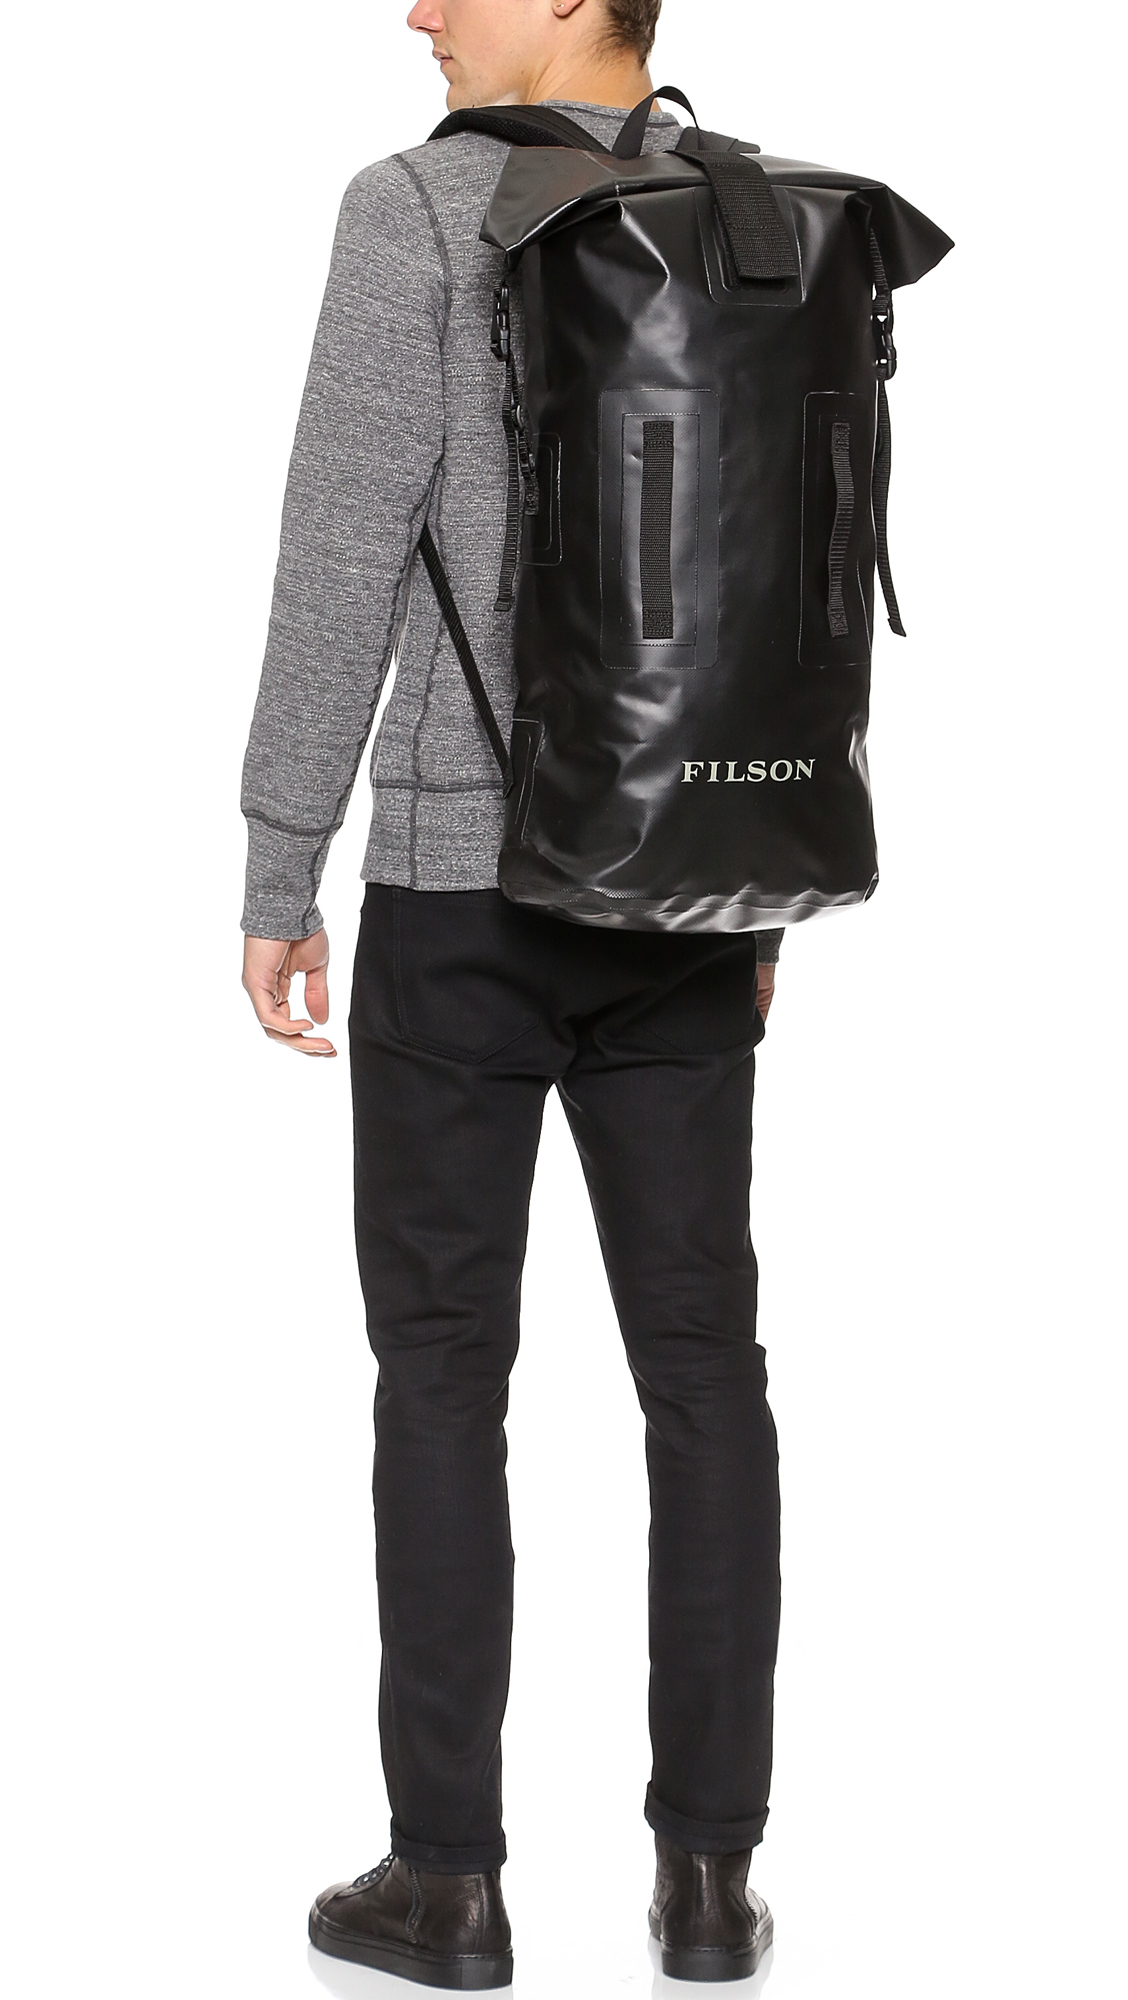 Lyst - Filson Dry Duffel Backpack in Black for Men e489e3346f563